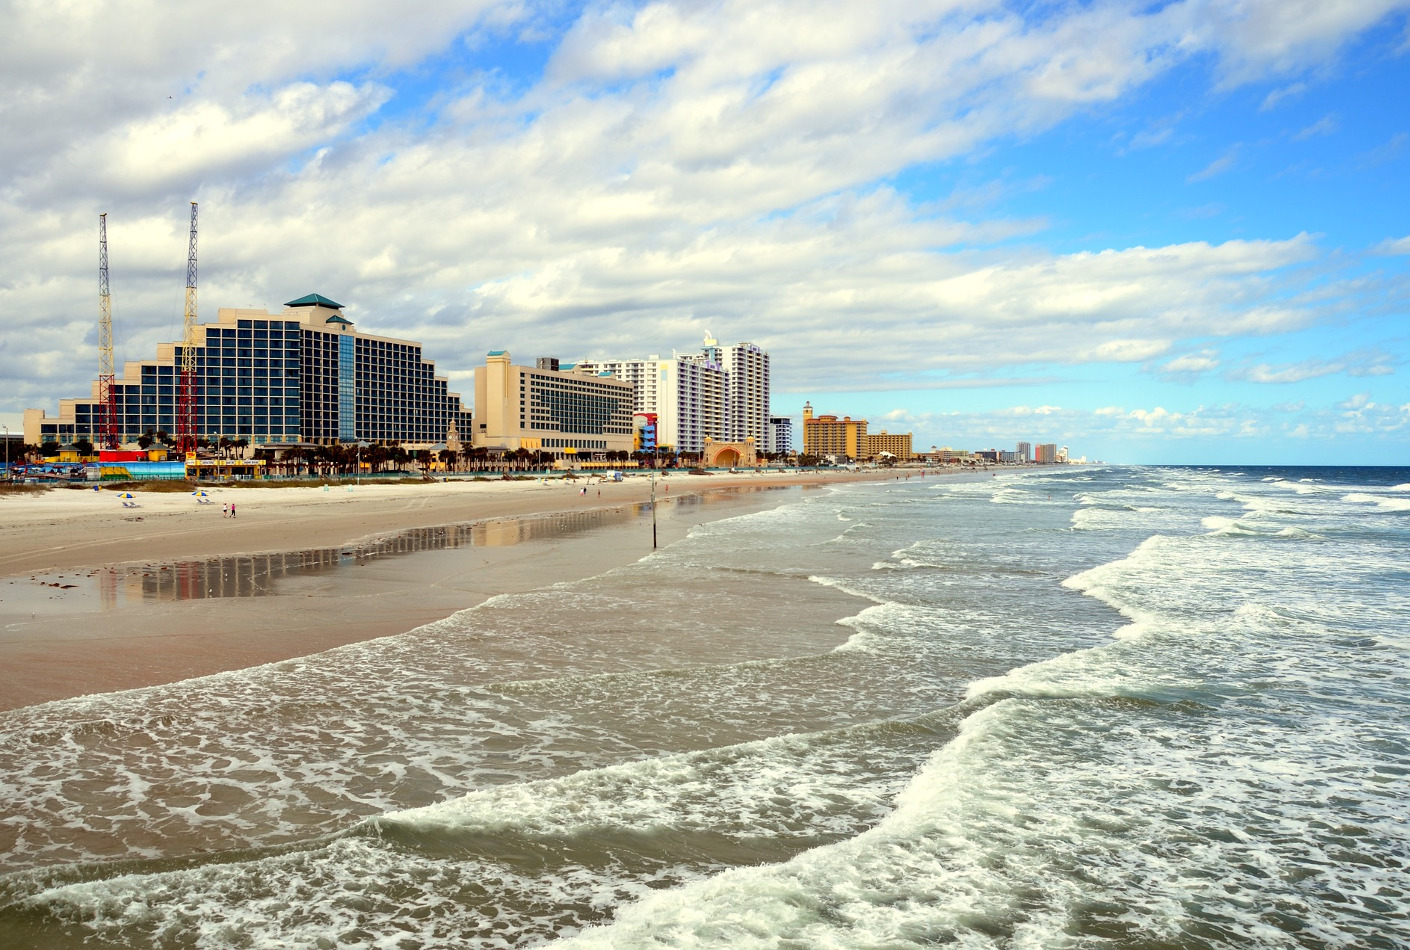 Daytona Beach. Conoce Florida con nuestras ofertas.